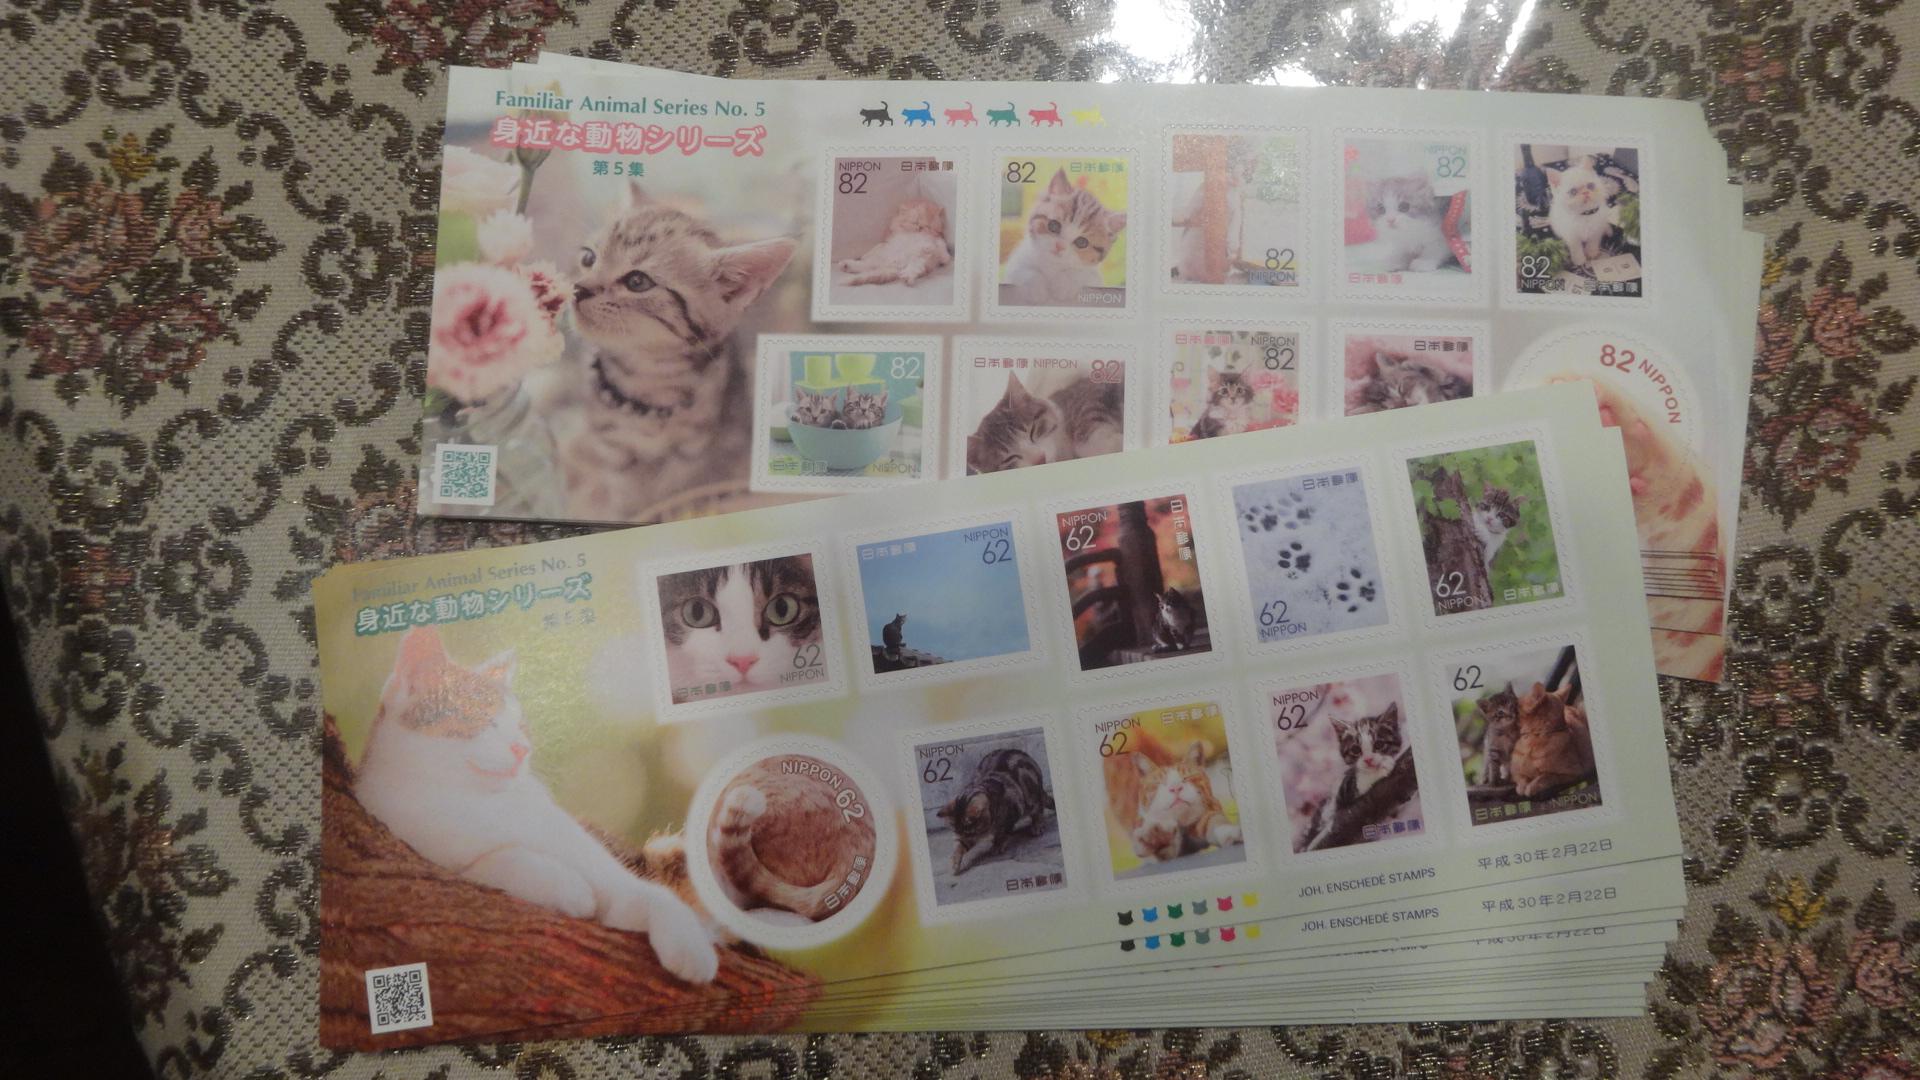 大人買いされてきたネコ切手の写真